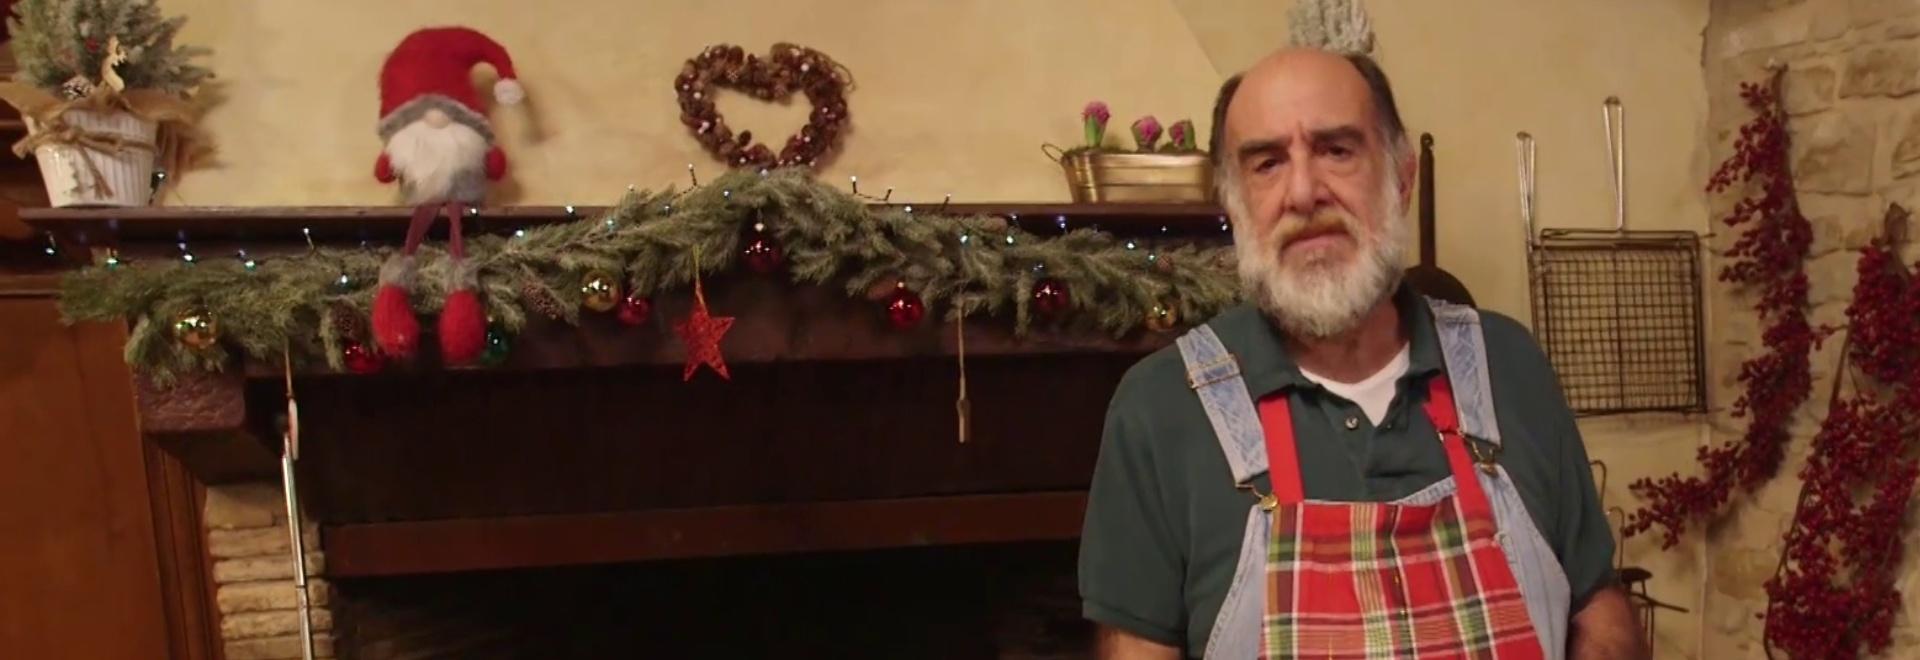 Giorgione Natale e quale